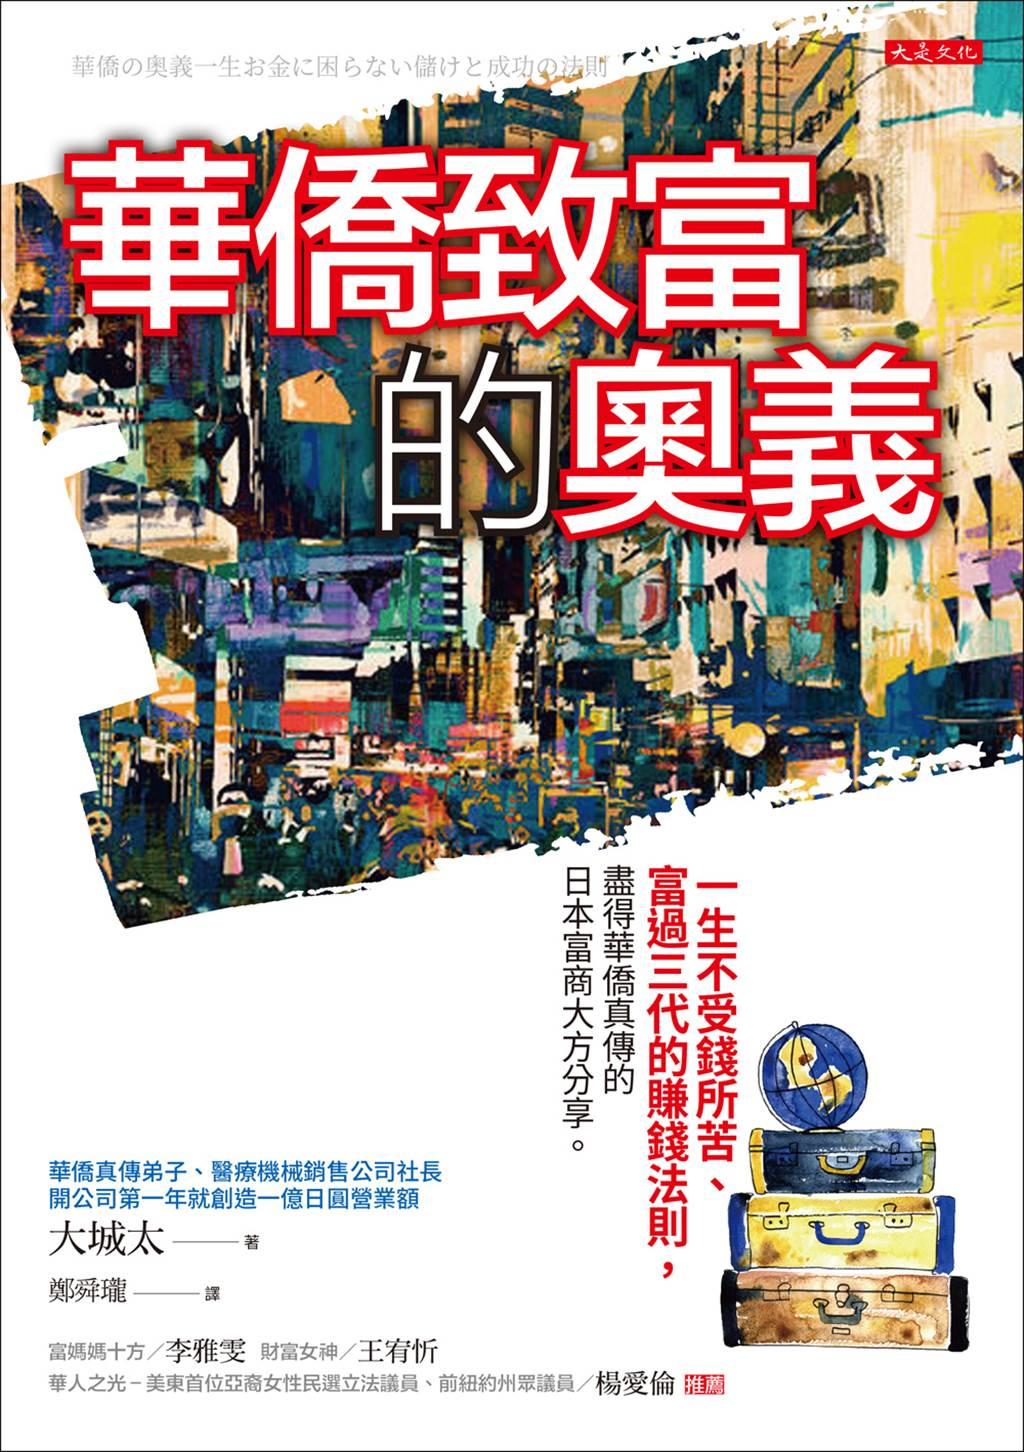 《華僑致富的奧義》/大是文化出版